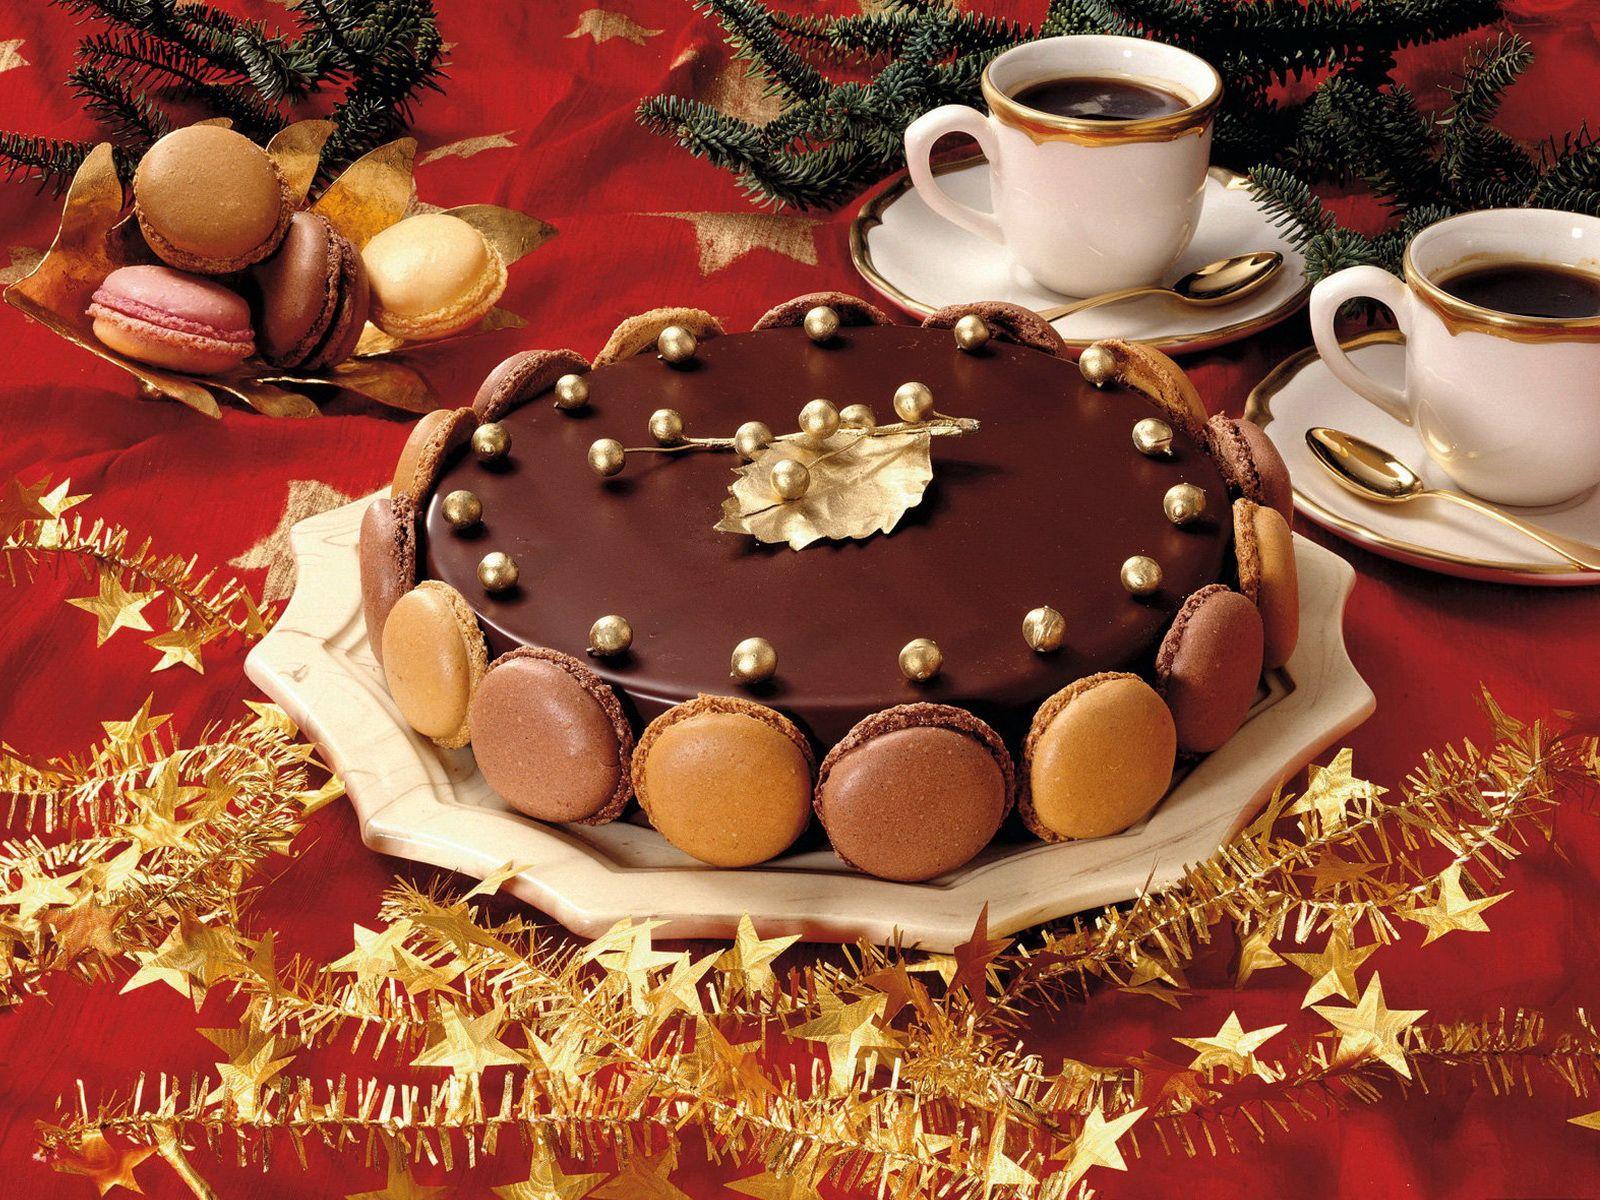 130569 скачать обои Еда, Торт, Сладкое, Пустыня, Шоколад, Глазурь, Праздничный Стол, Кофе, Бокалы - заставки и картинки бесплатно